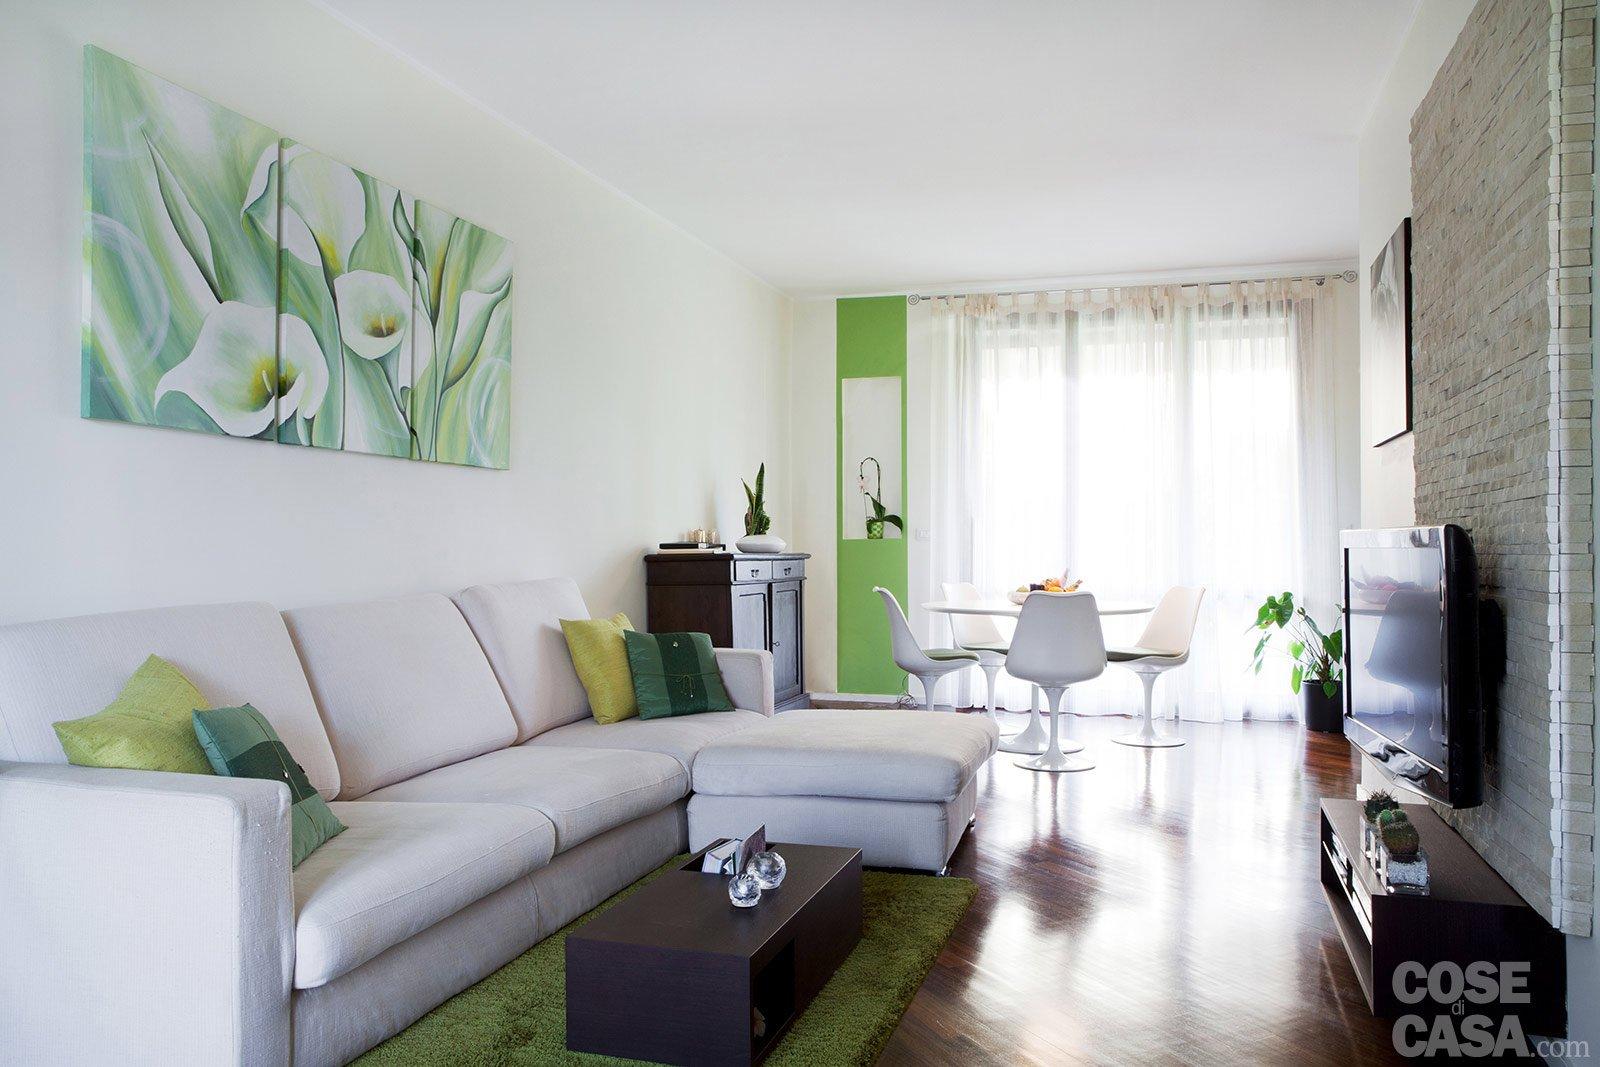 Casa pi vivibile dopo la ristrutturazione cose di casa - Arredare un soggiorno piccolo ...